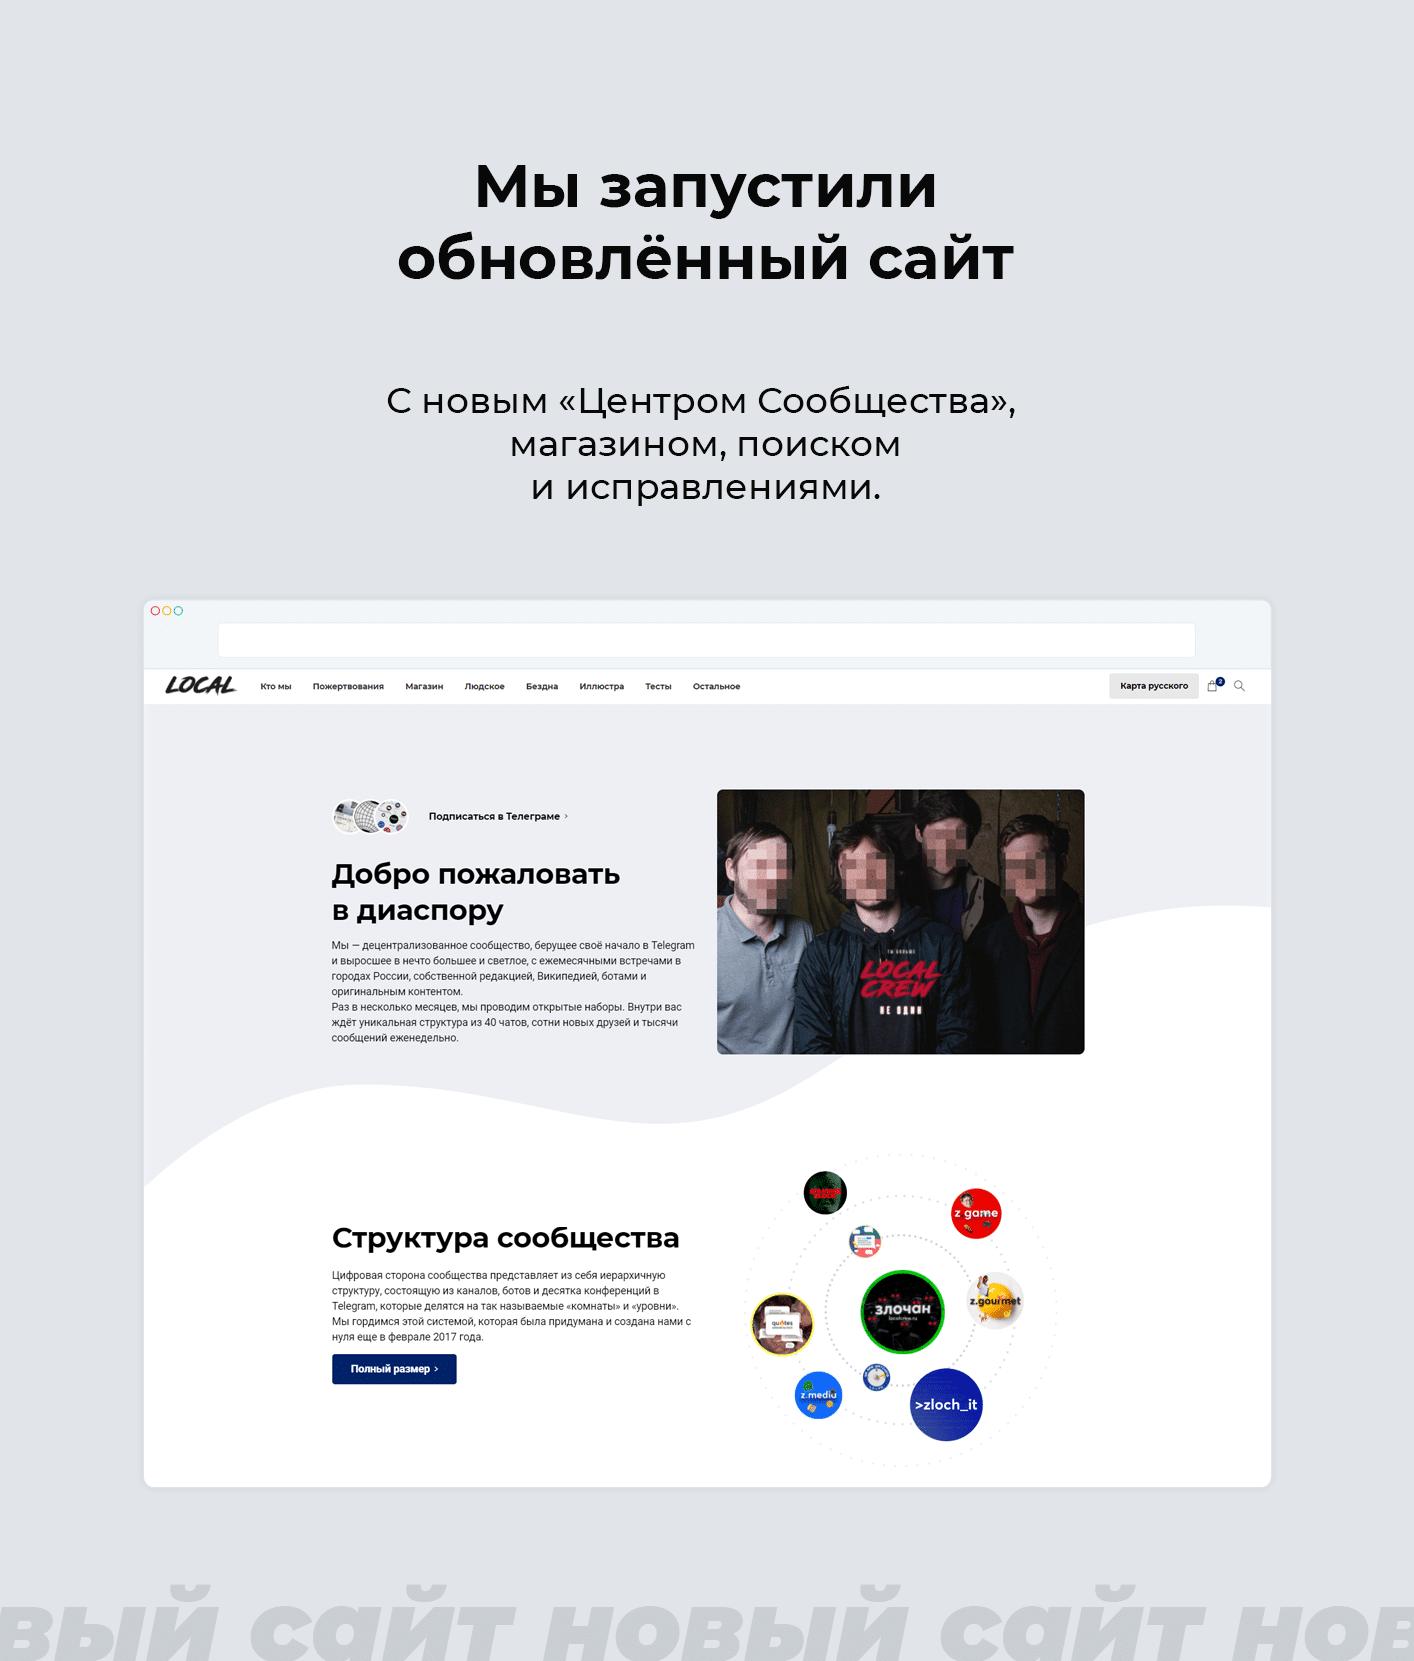 Мы запустили обновлённый сайт